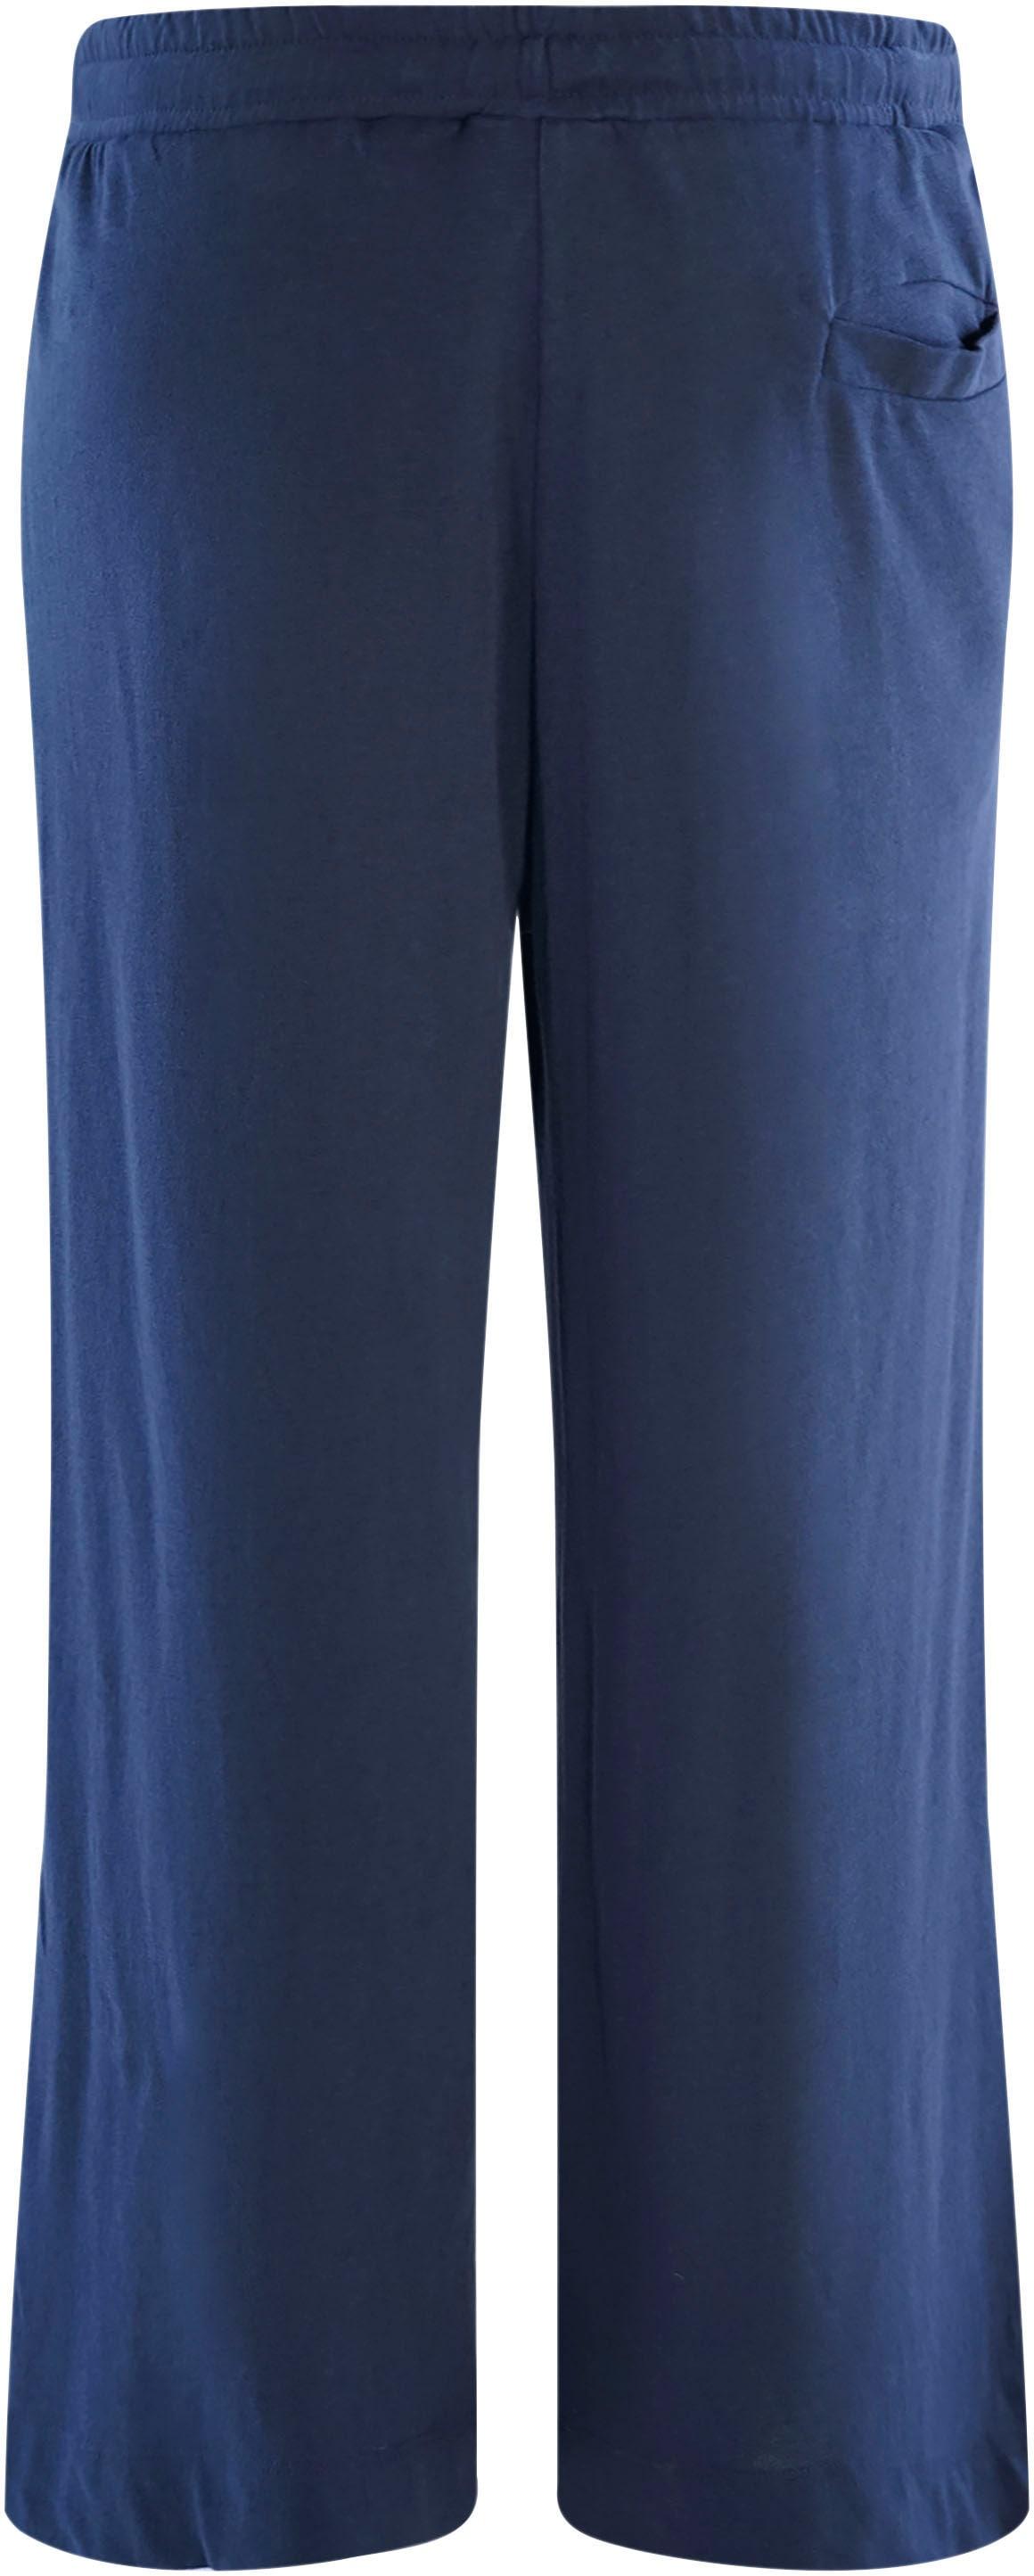 mazine -  Culotte Chilly, sommerliche Hose mit Seitentaschen